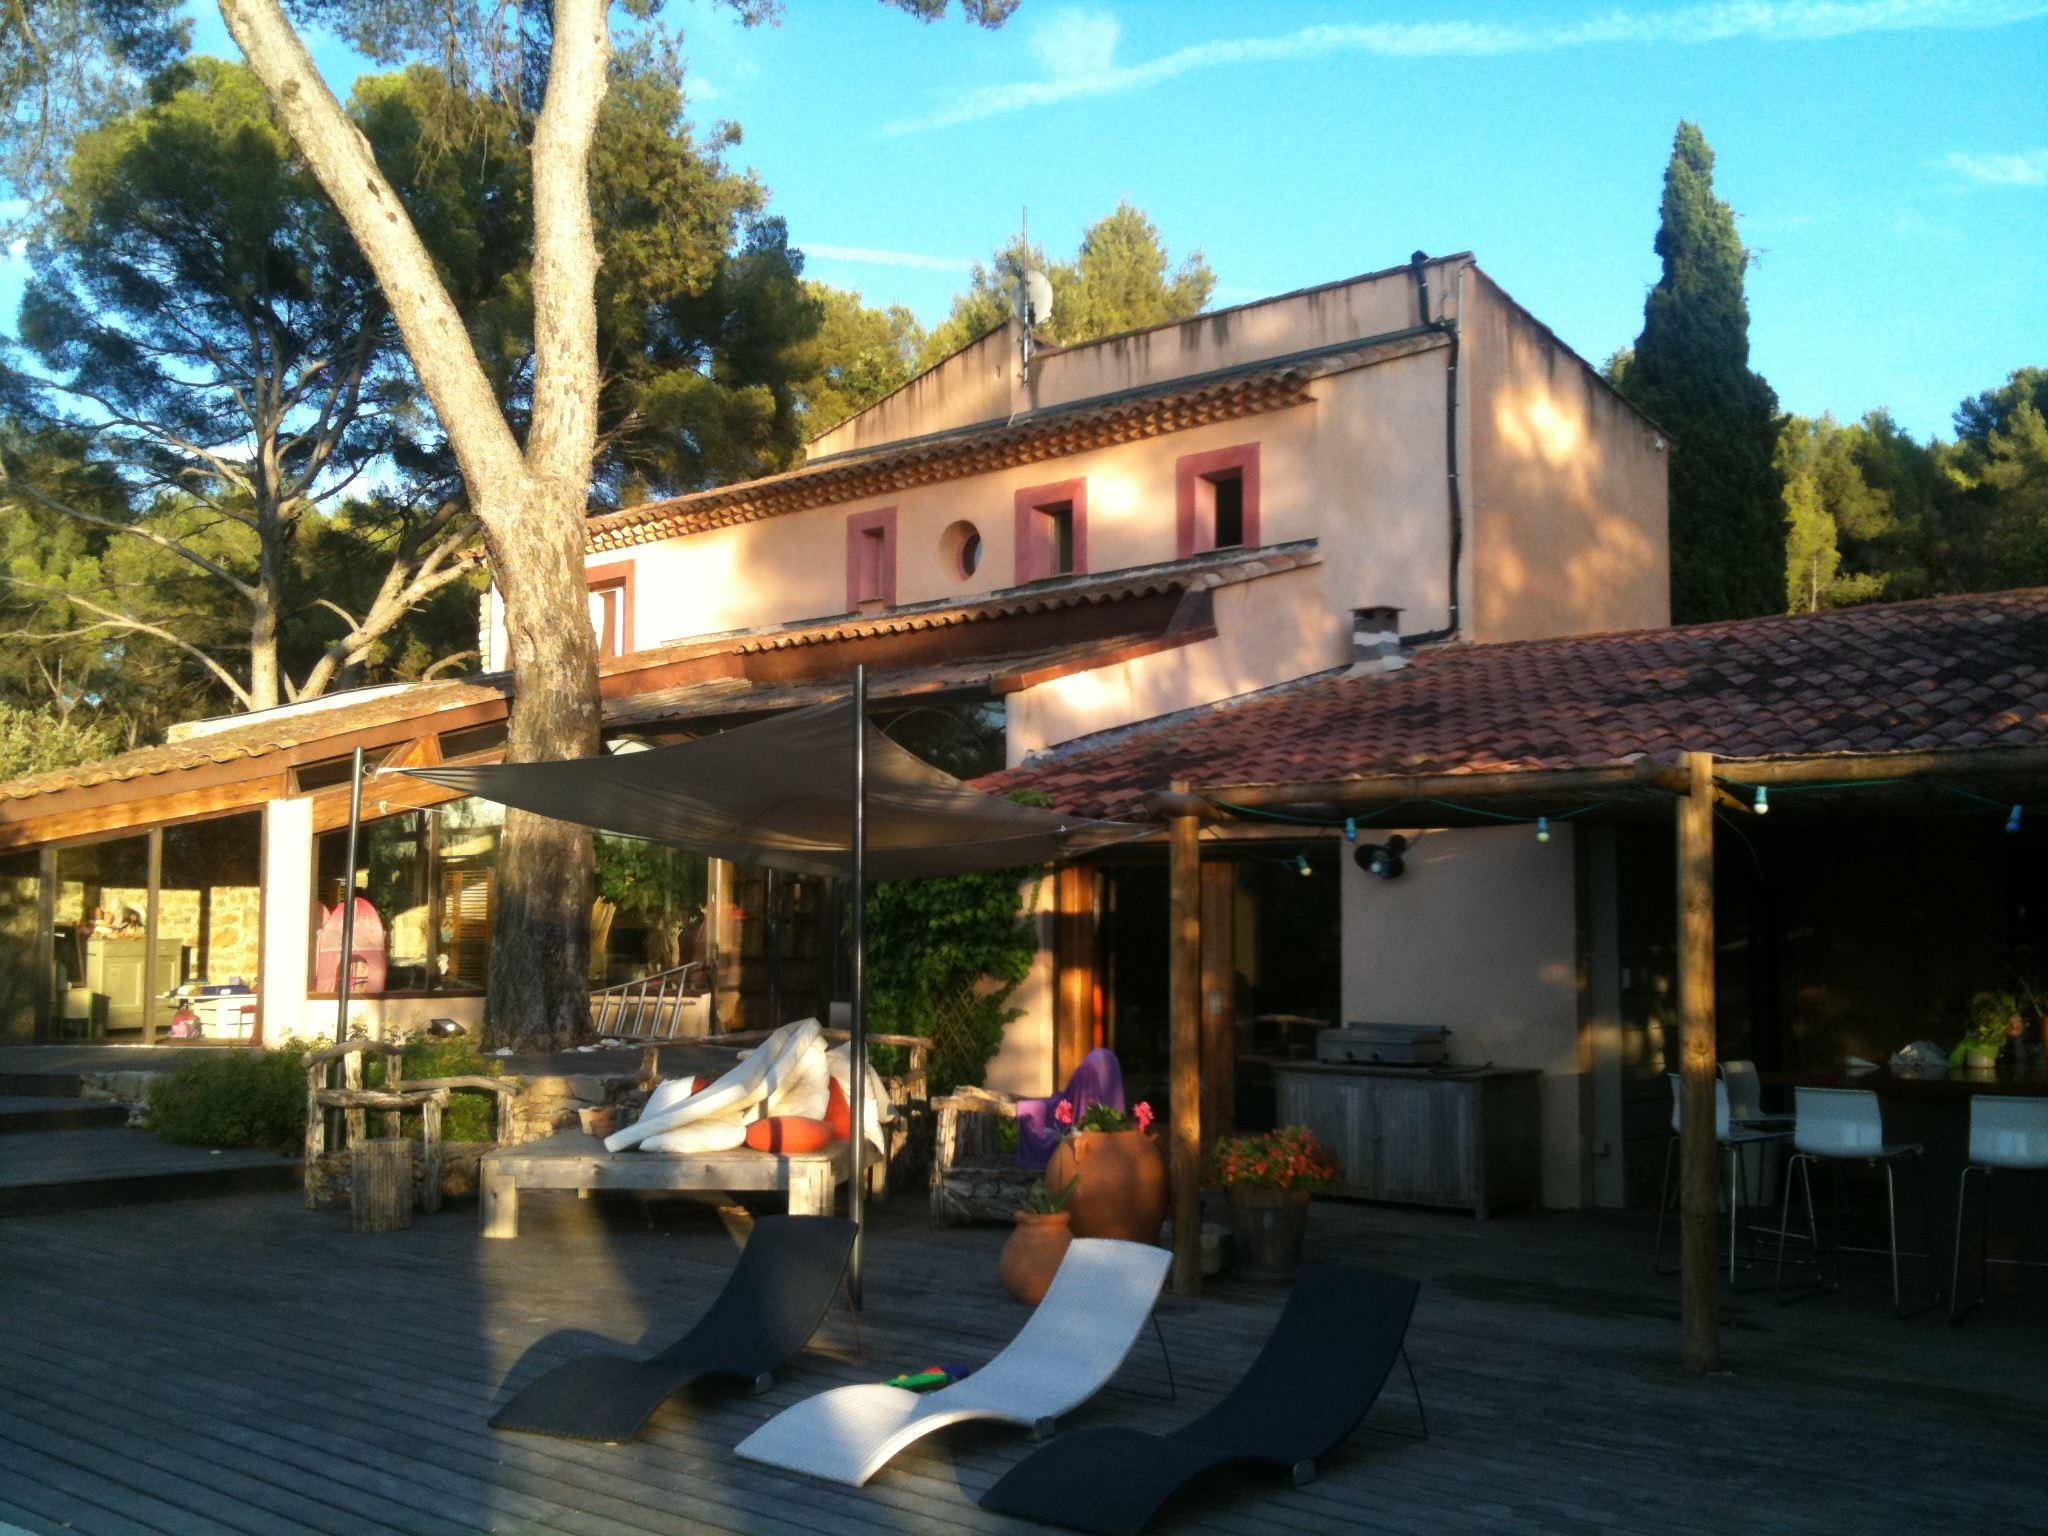 단독 가정 주택 용 매매 에 AIX - PONT DES TROIS SAUTETS Other Provence-Alpes-Cote D'Azur, 프로벤스 앞ㄹ프스 코테 D'Azur, 13100 프랑스